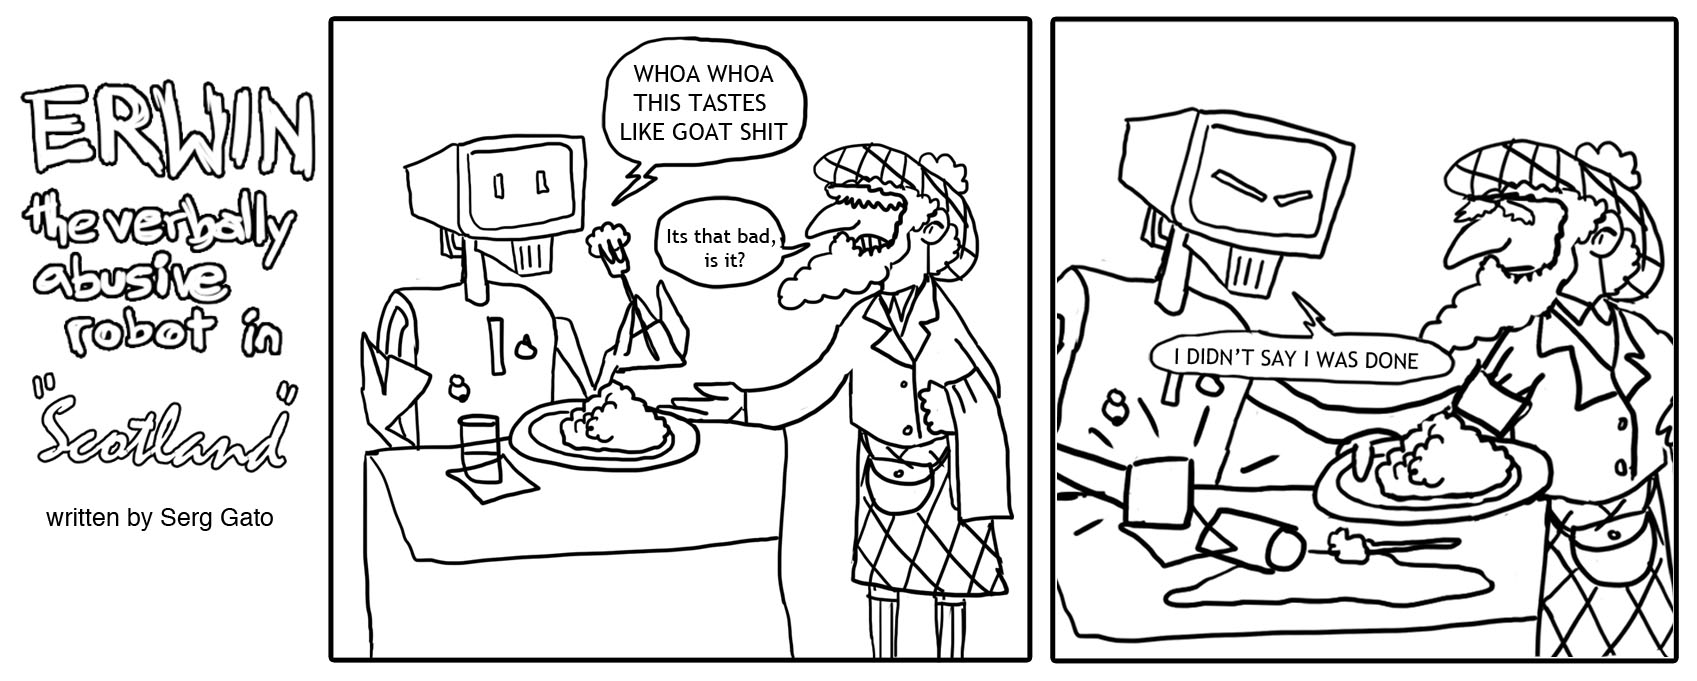 Erwin the verbally abusive robot in Scotland